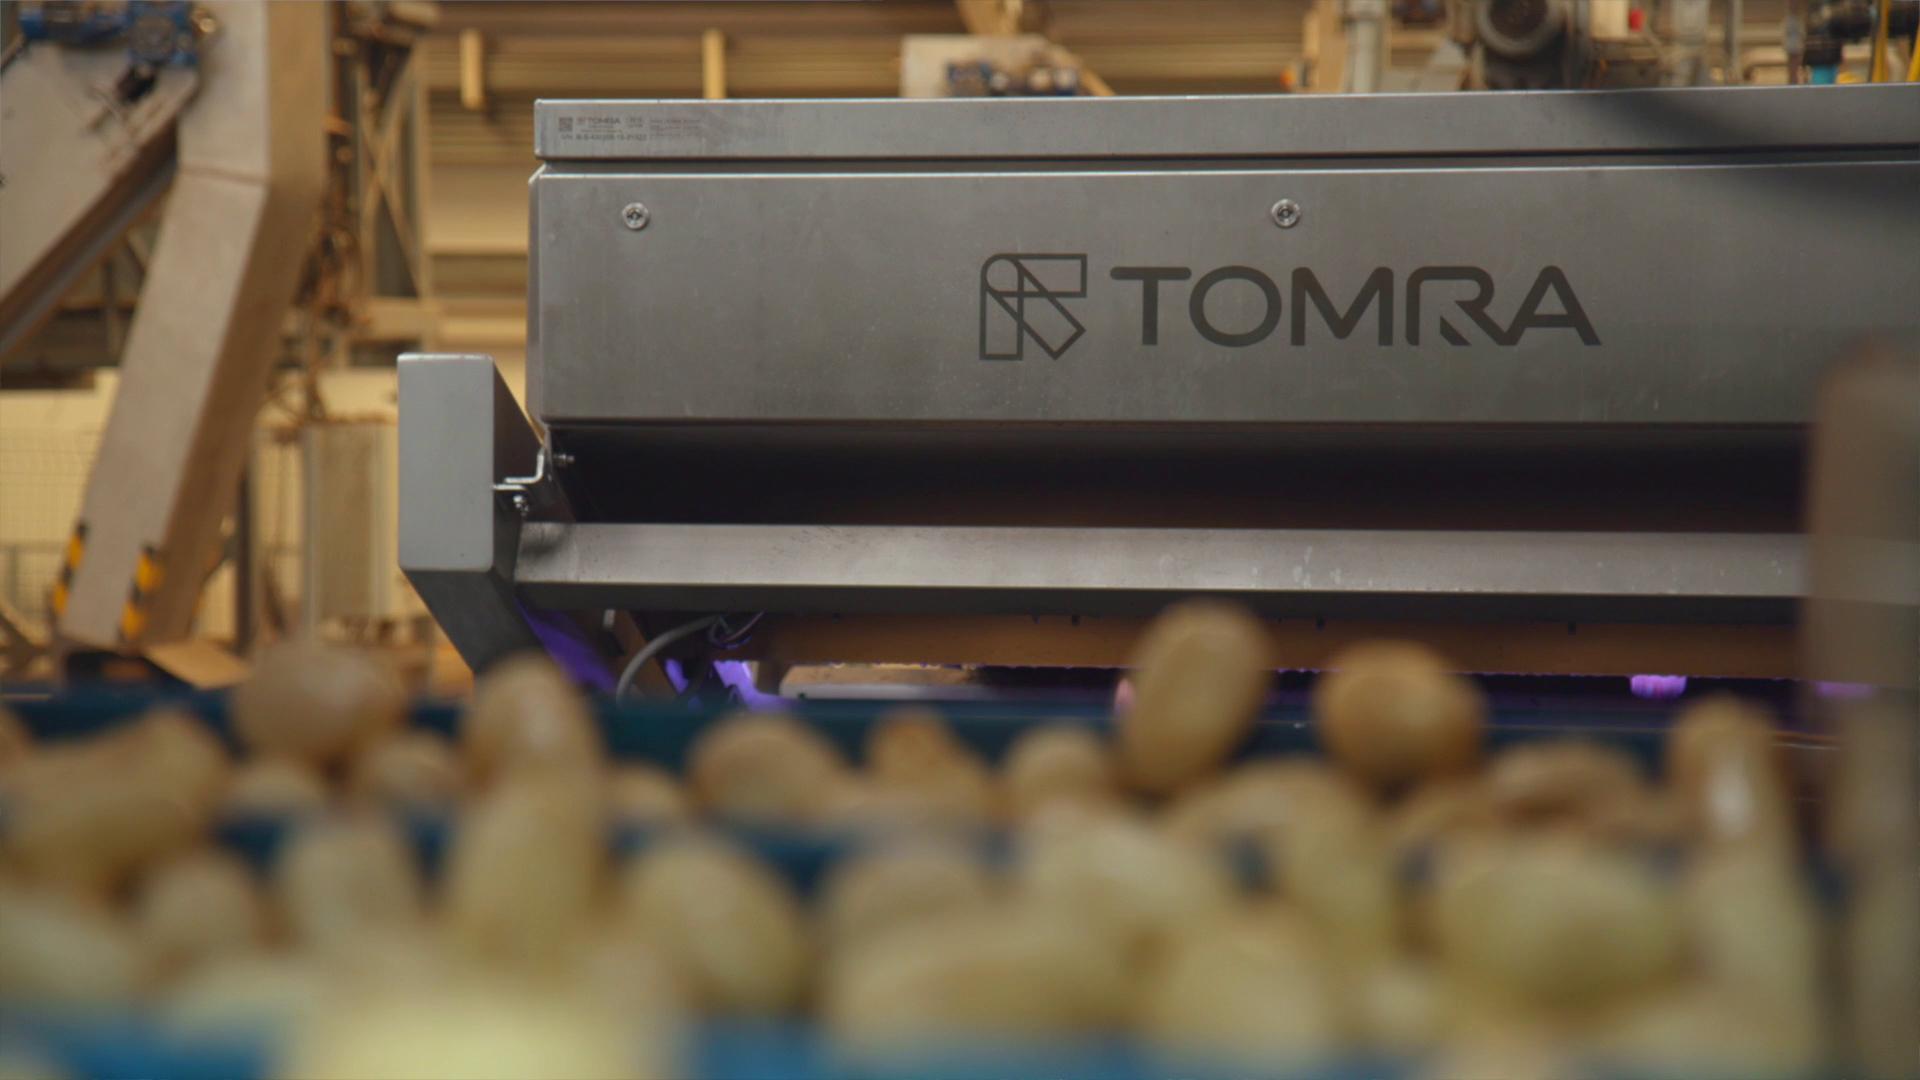 Endüstri 4.0 veri platformu Tomra Insight, gıda endüstrisinin hizmetinde